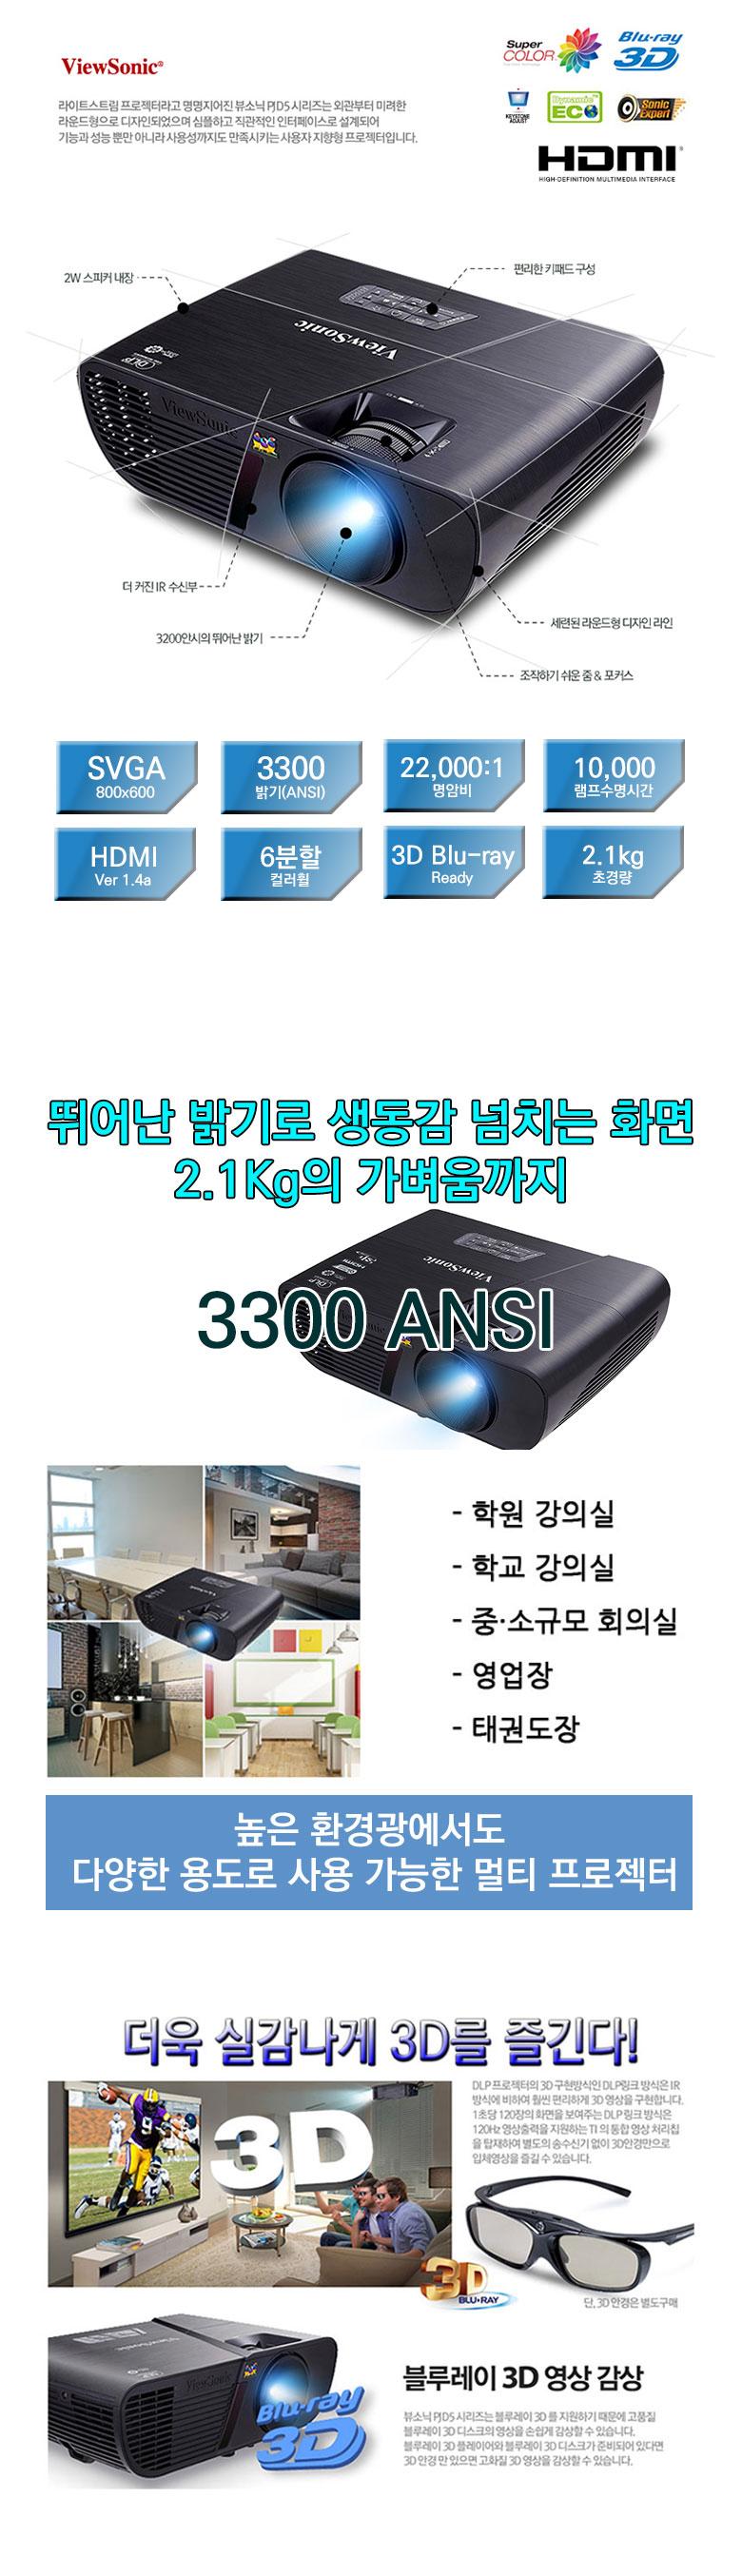 뷰소닉 pjd5154dlp 프로젝터